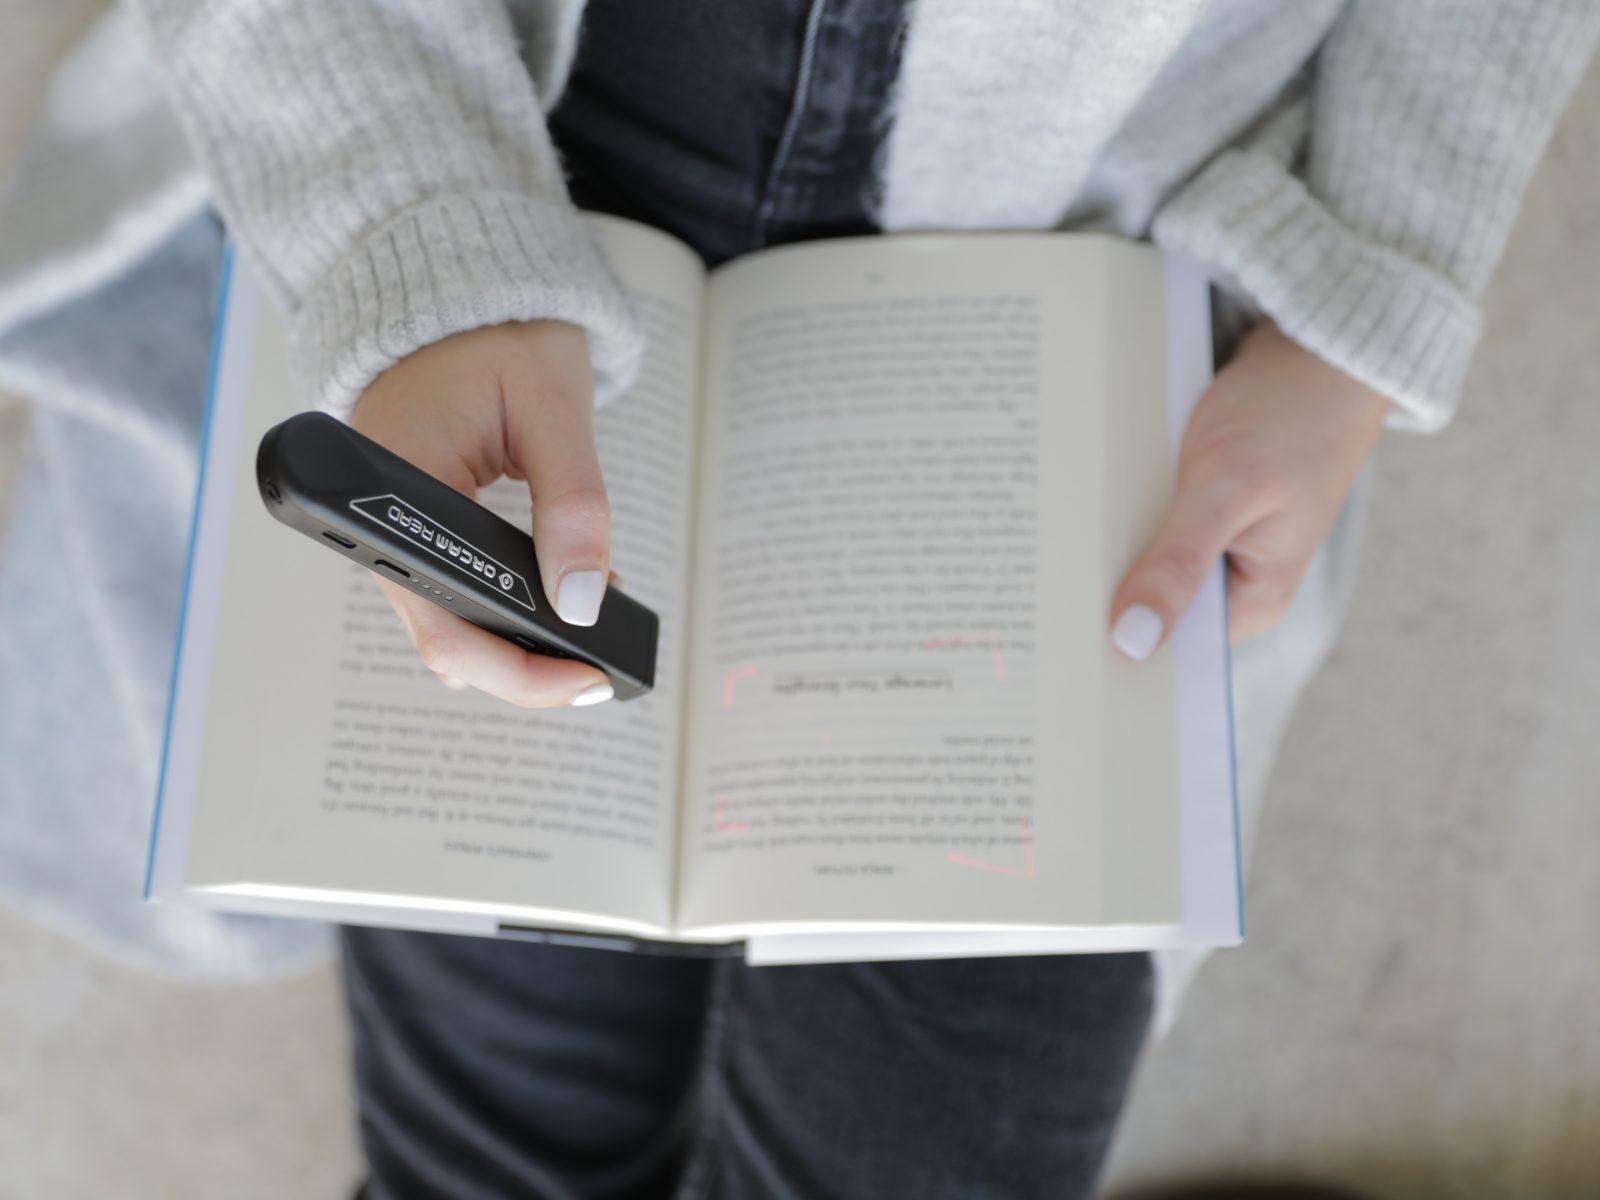 Biblioteca Nacional de Portugal tem aparelho para leitores disléxicos